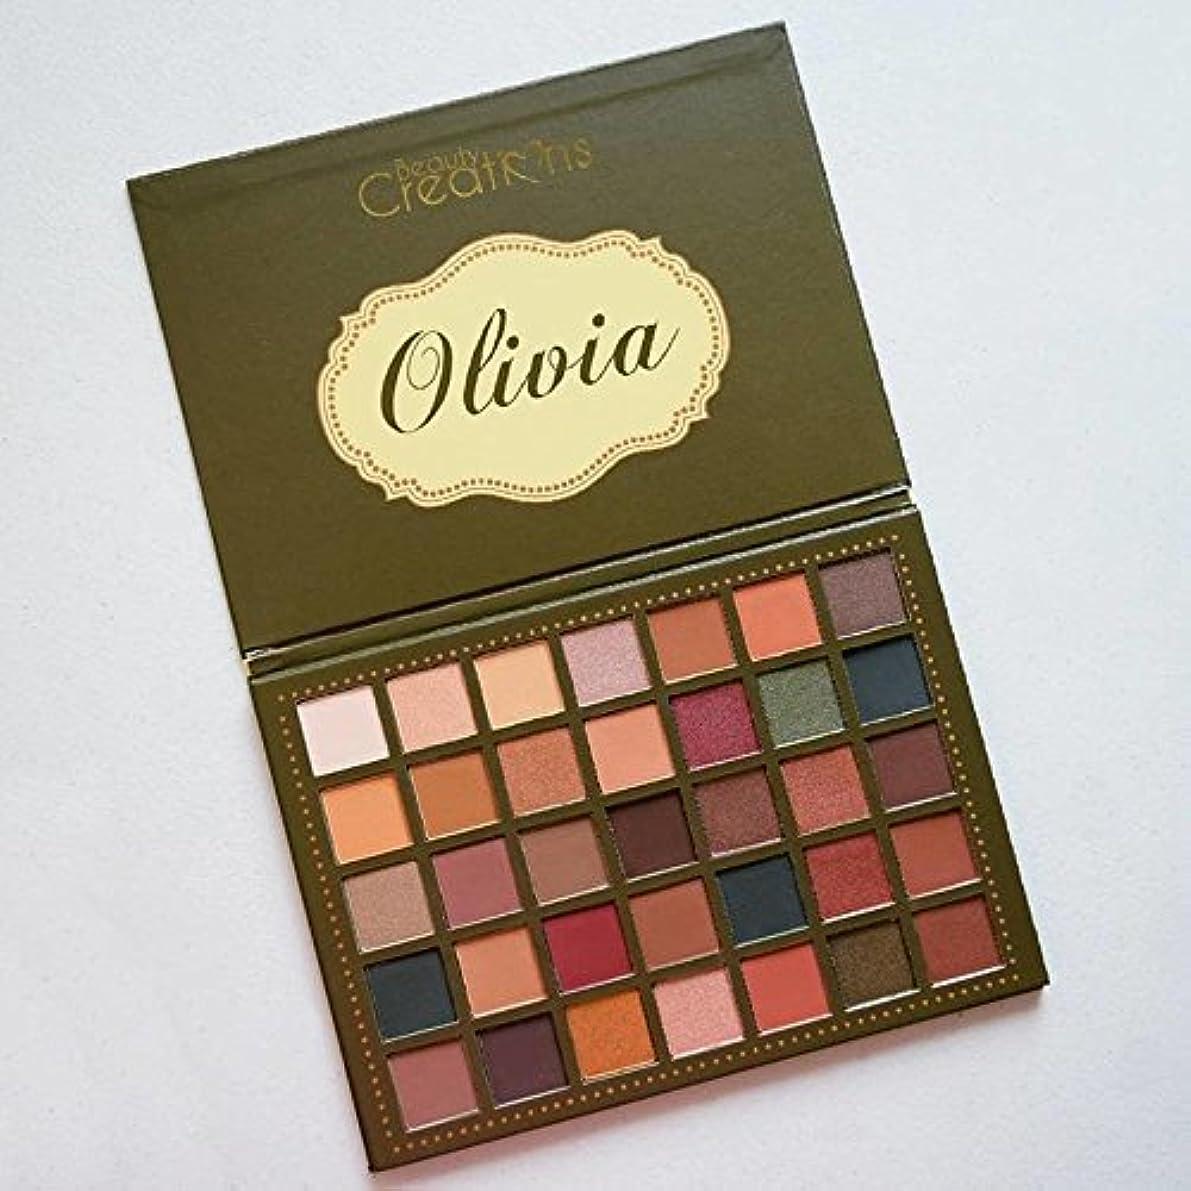 望ましい誇張硬さBEAUTY CREATIONS 35 Color Palette - Olivia (並行輸入品)